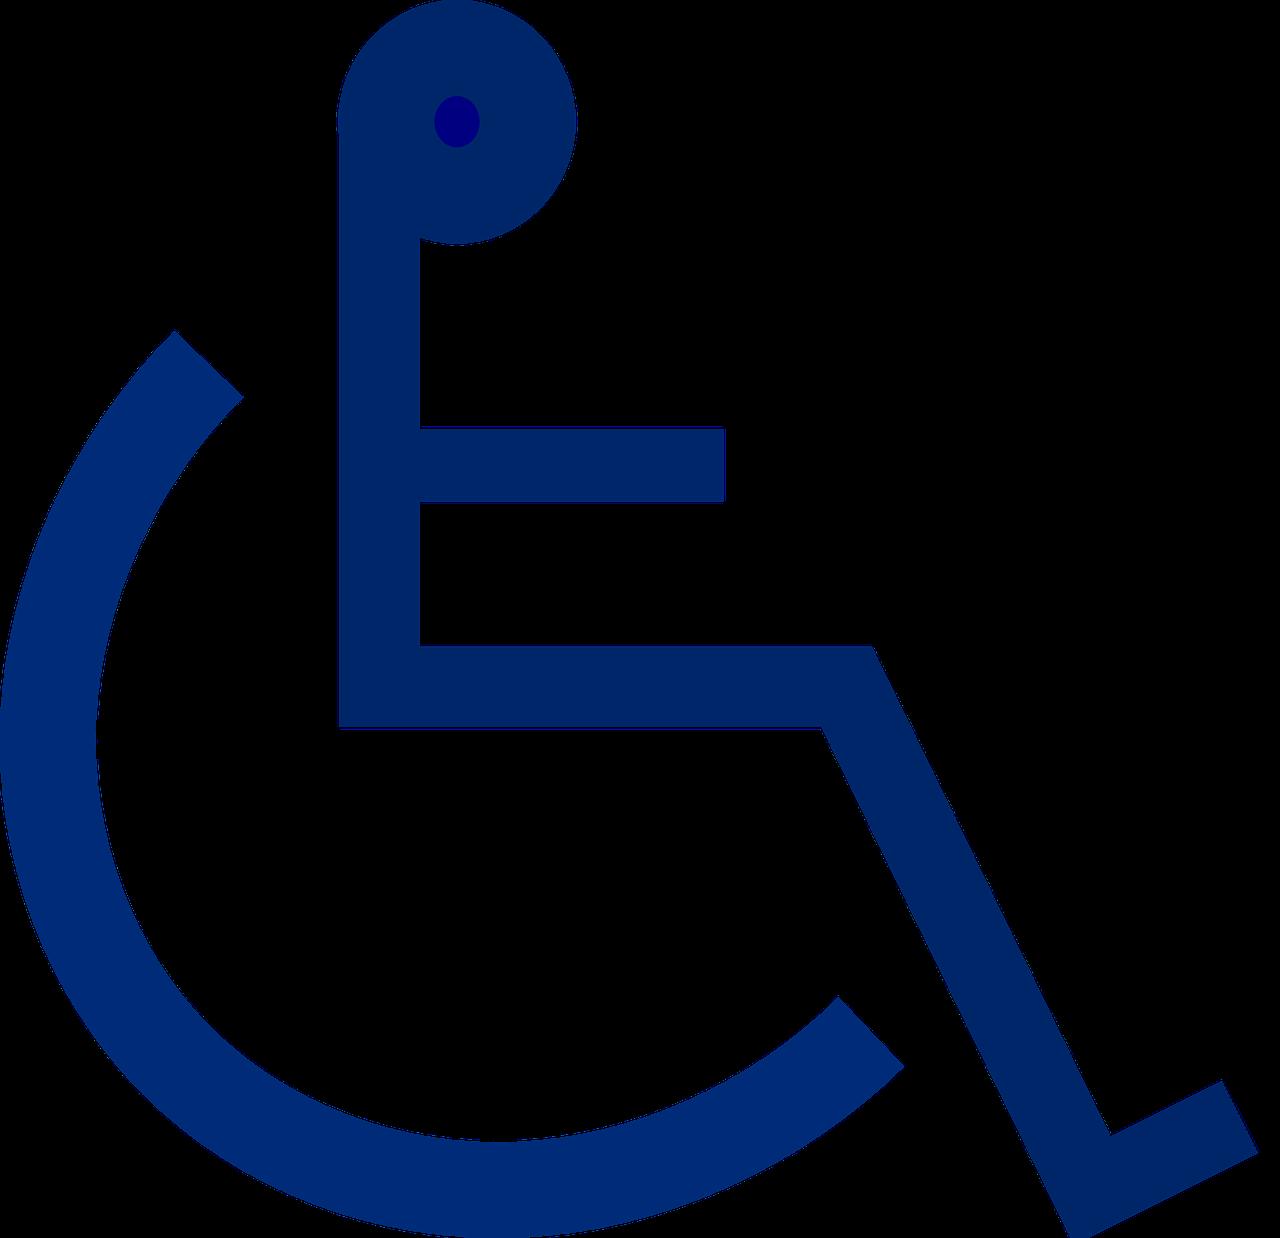 Logeeropvang Bikkel kosten instellingen gehandicaptenzorg verstandelijk gehandicapten